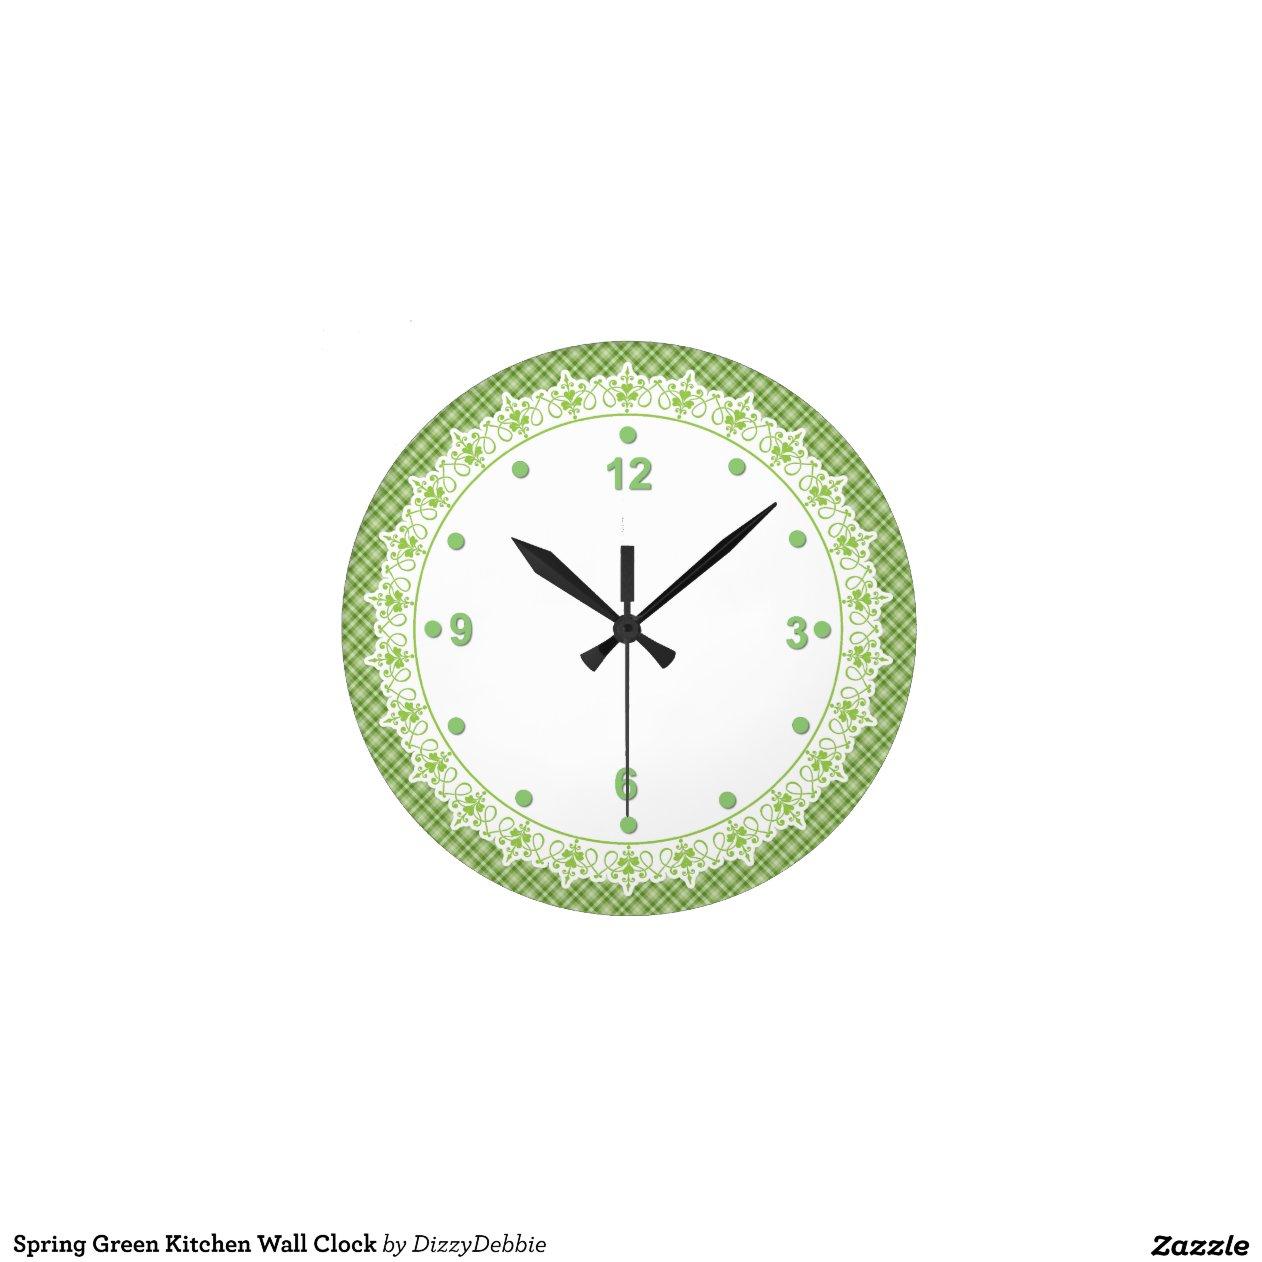 Reloj de pared verde de la cocina de la primavera zazzle - Relojes de pared diseno ...